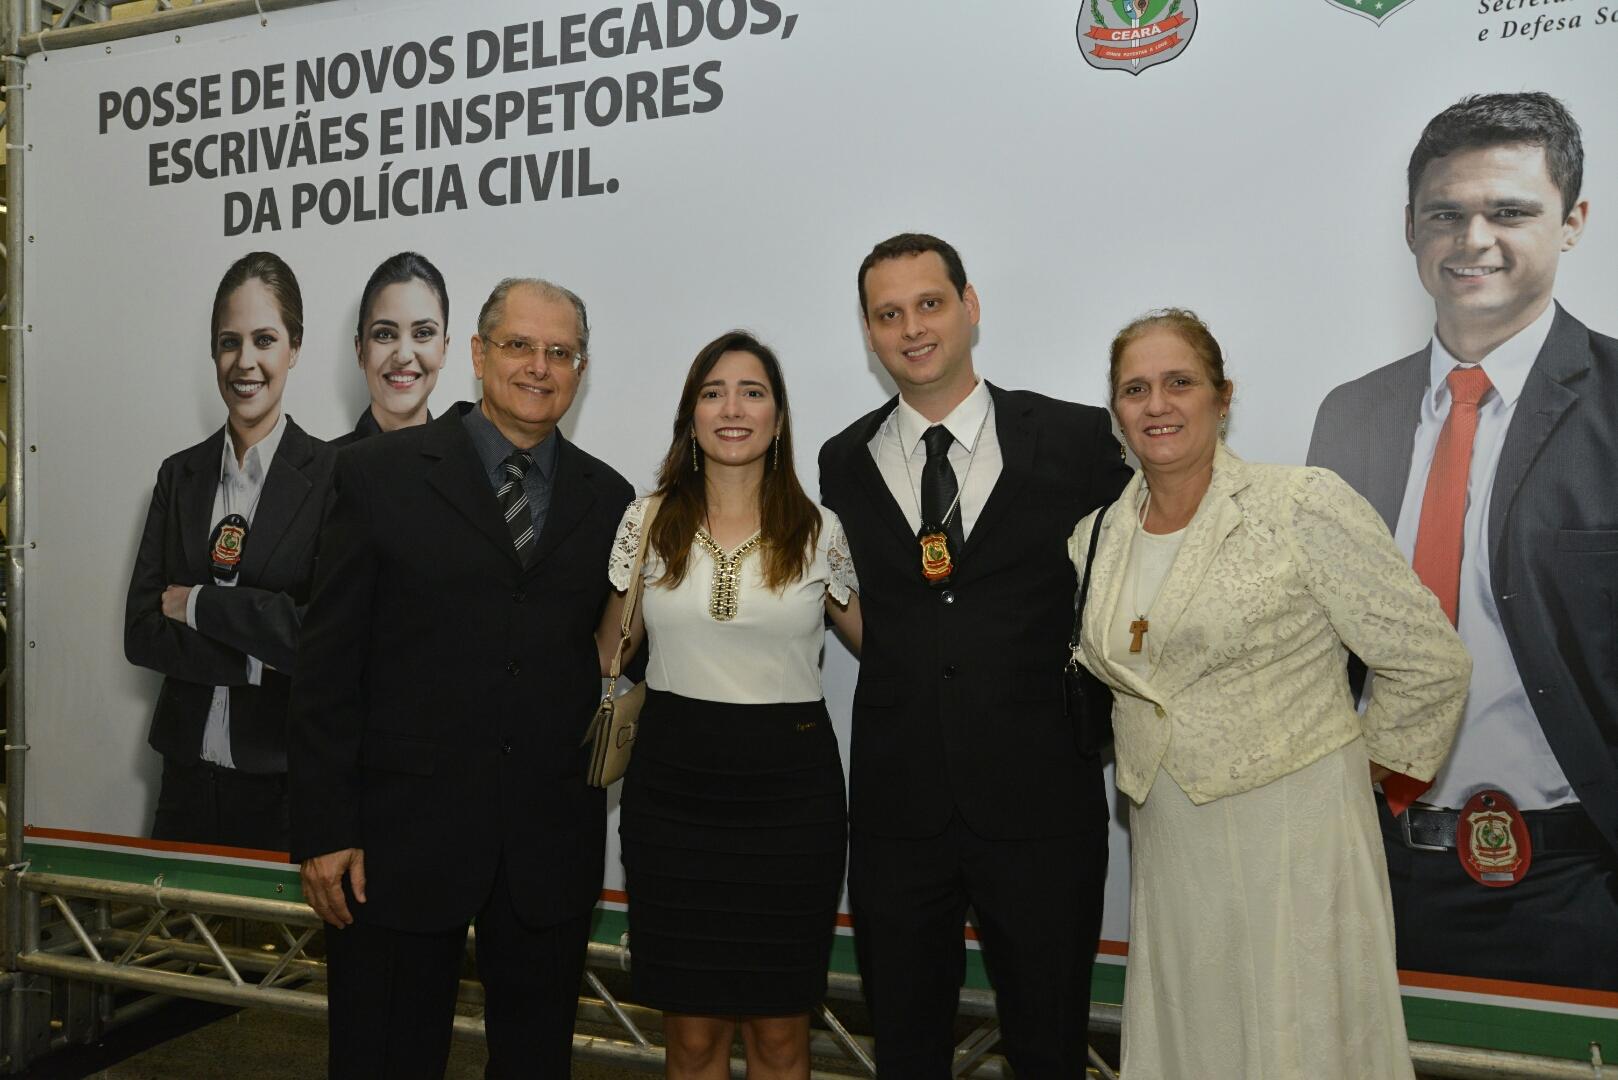 escrivães e inspetores posam para foto com familiares em cerimônia de posse